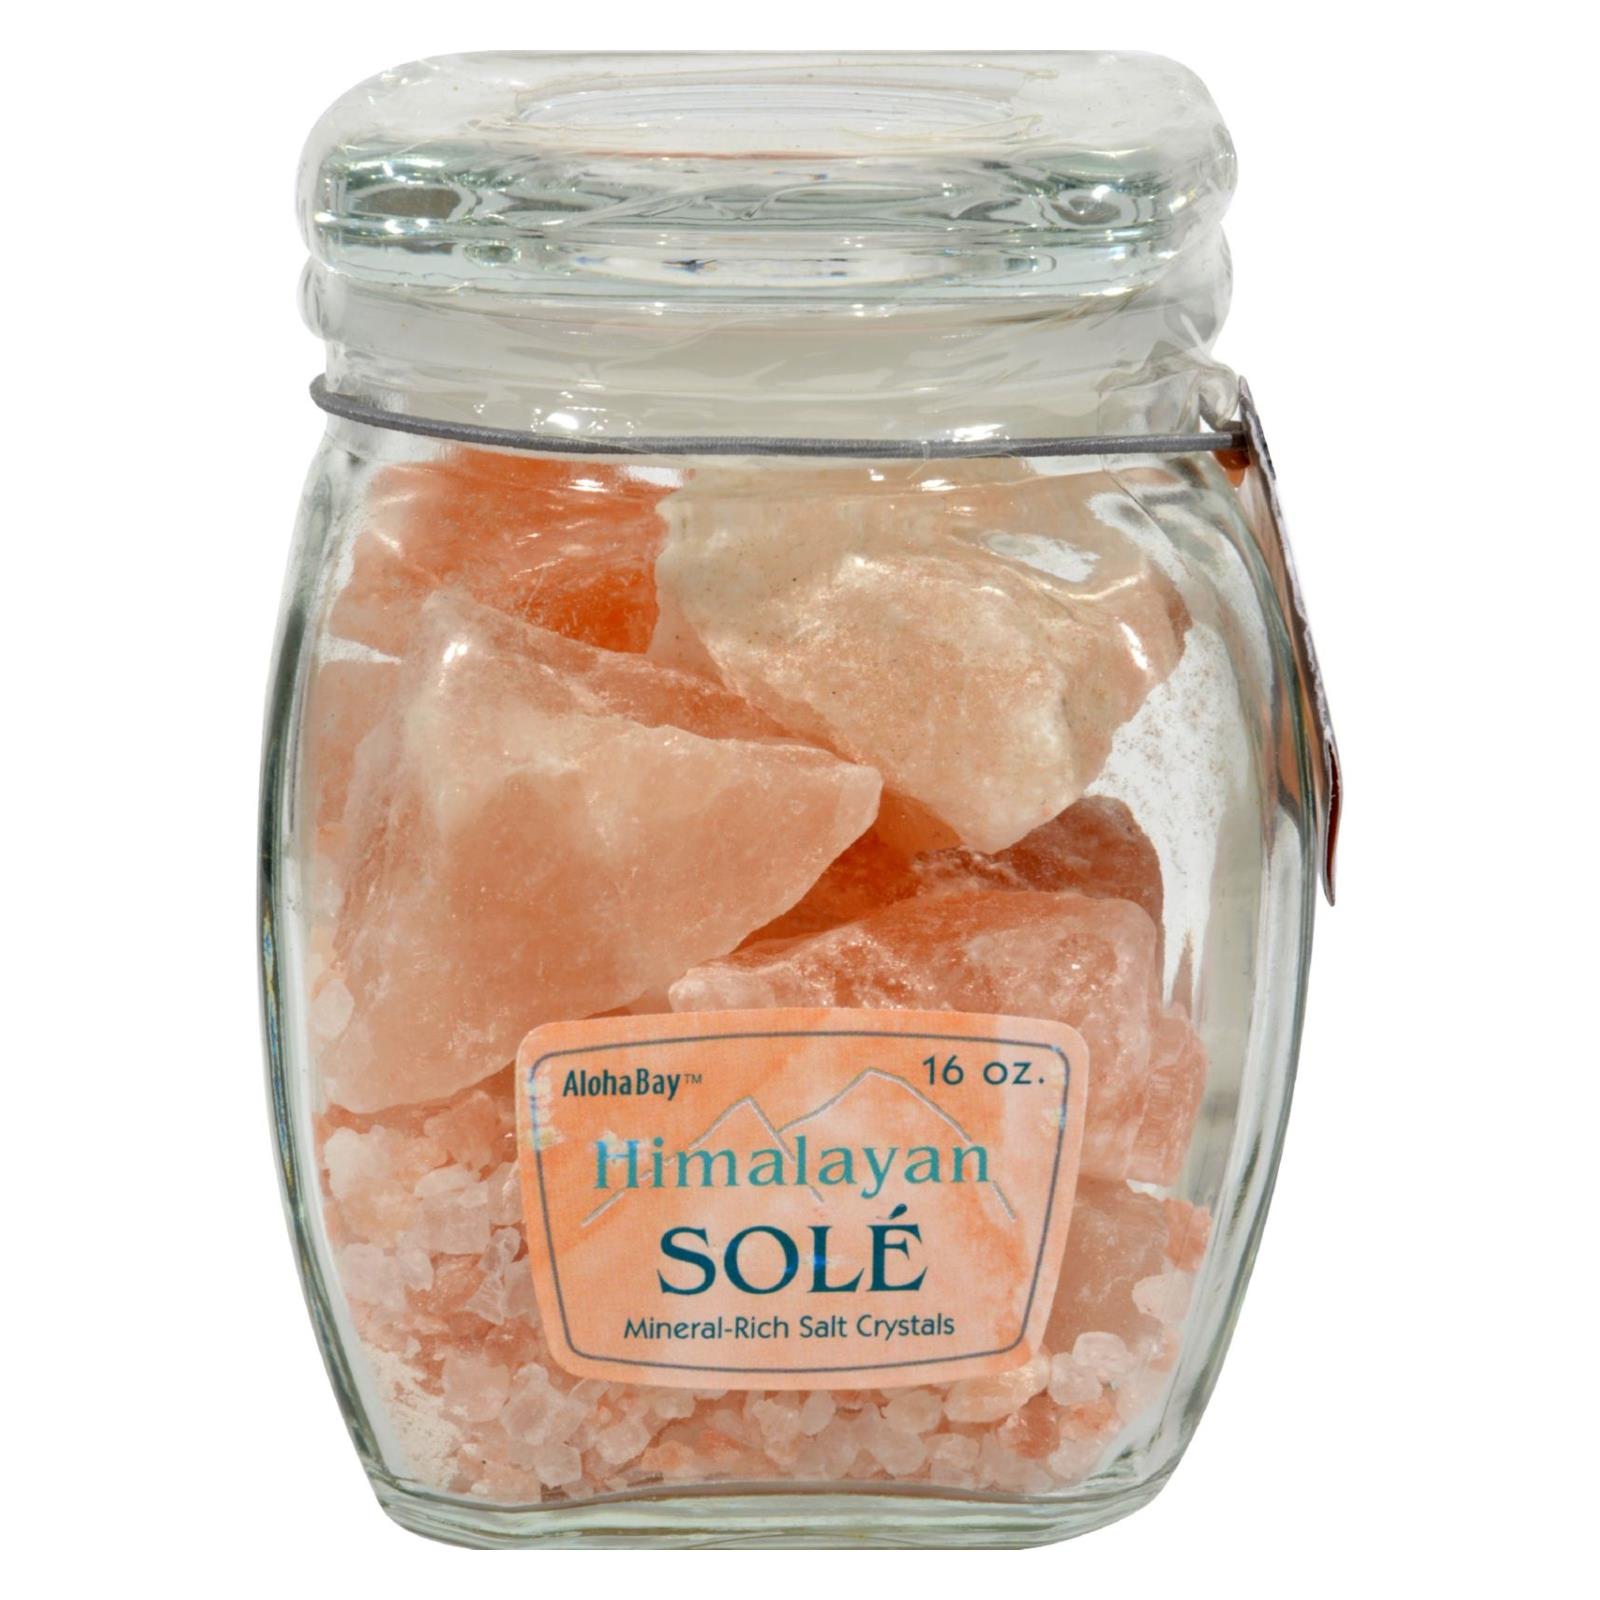 Himalayan Salt Sole Salt Chunks in Jar - 16 oz